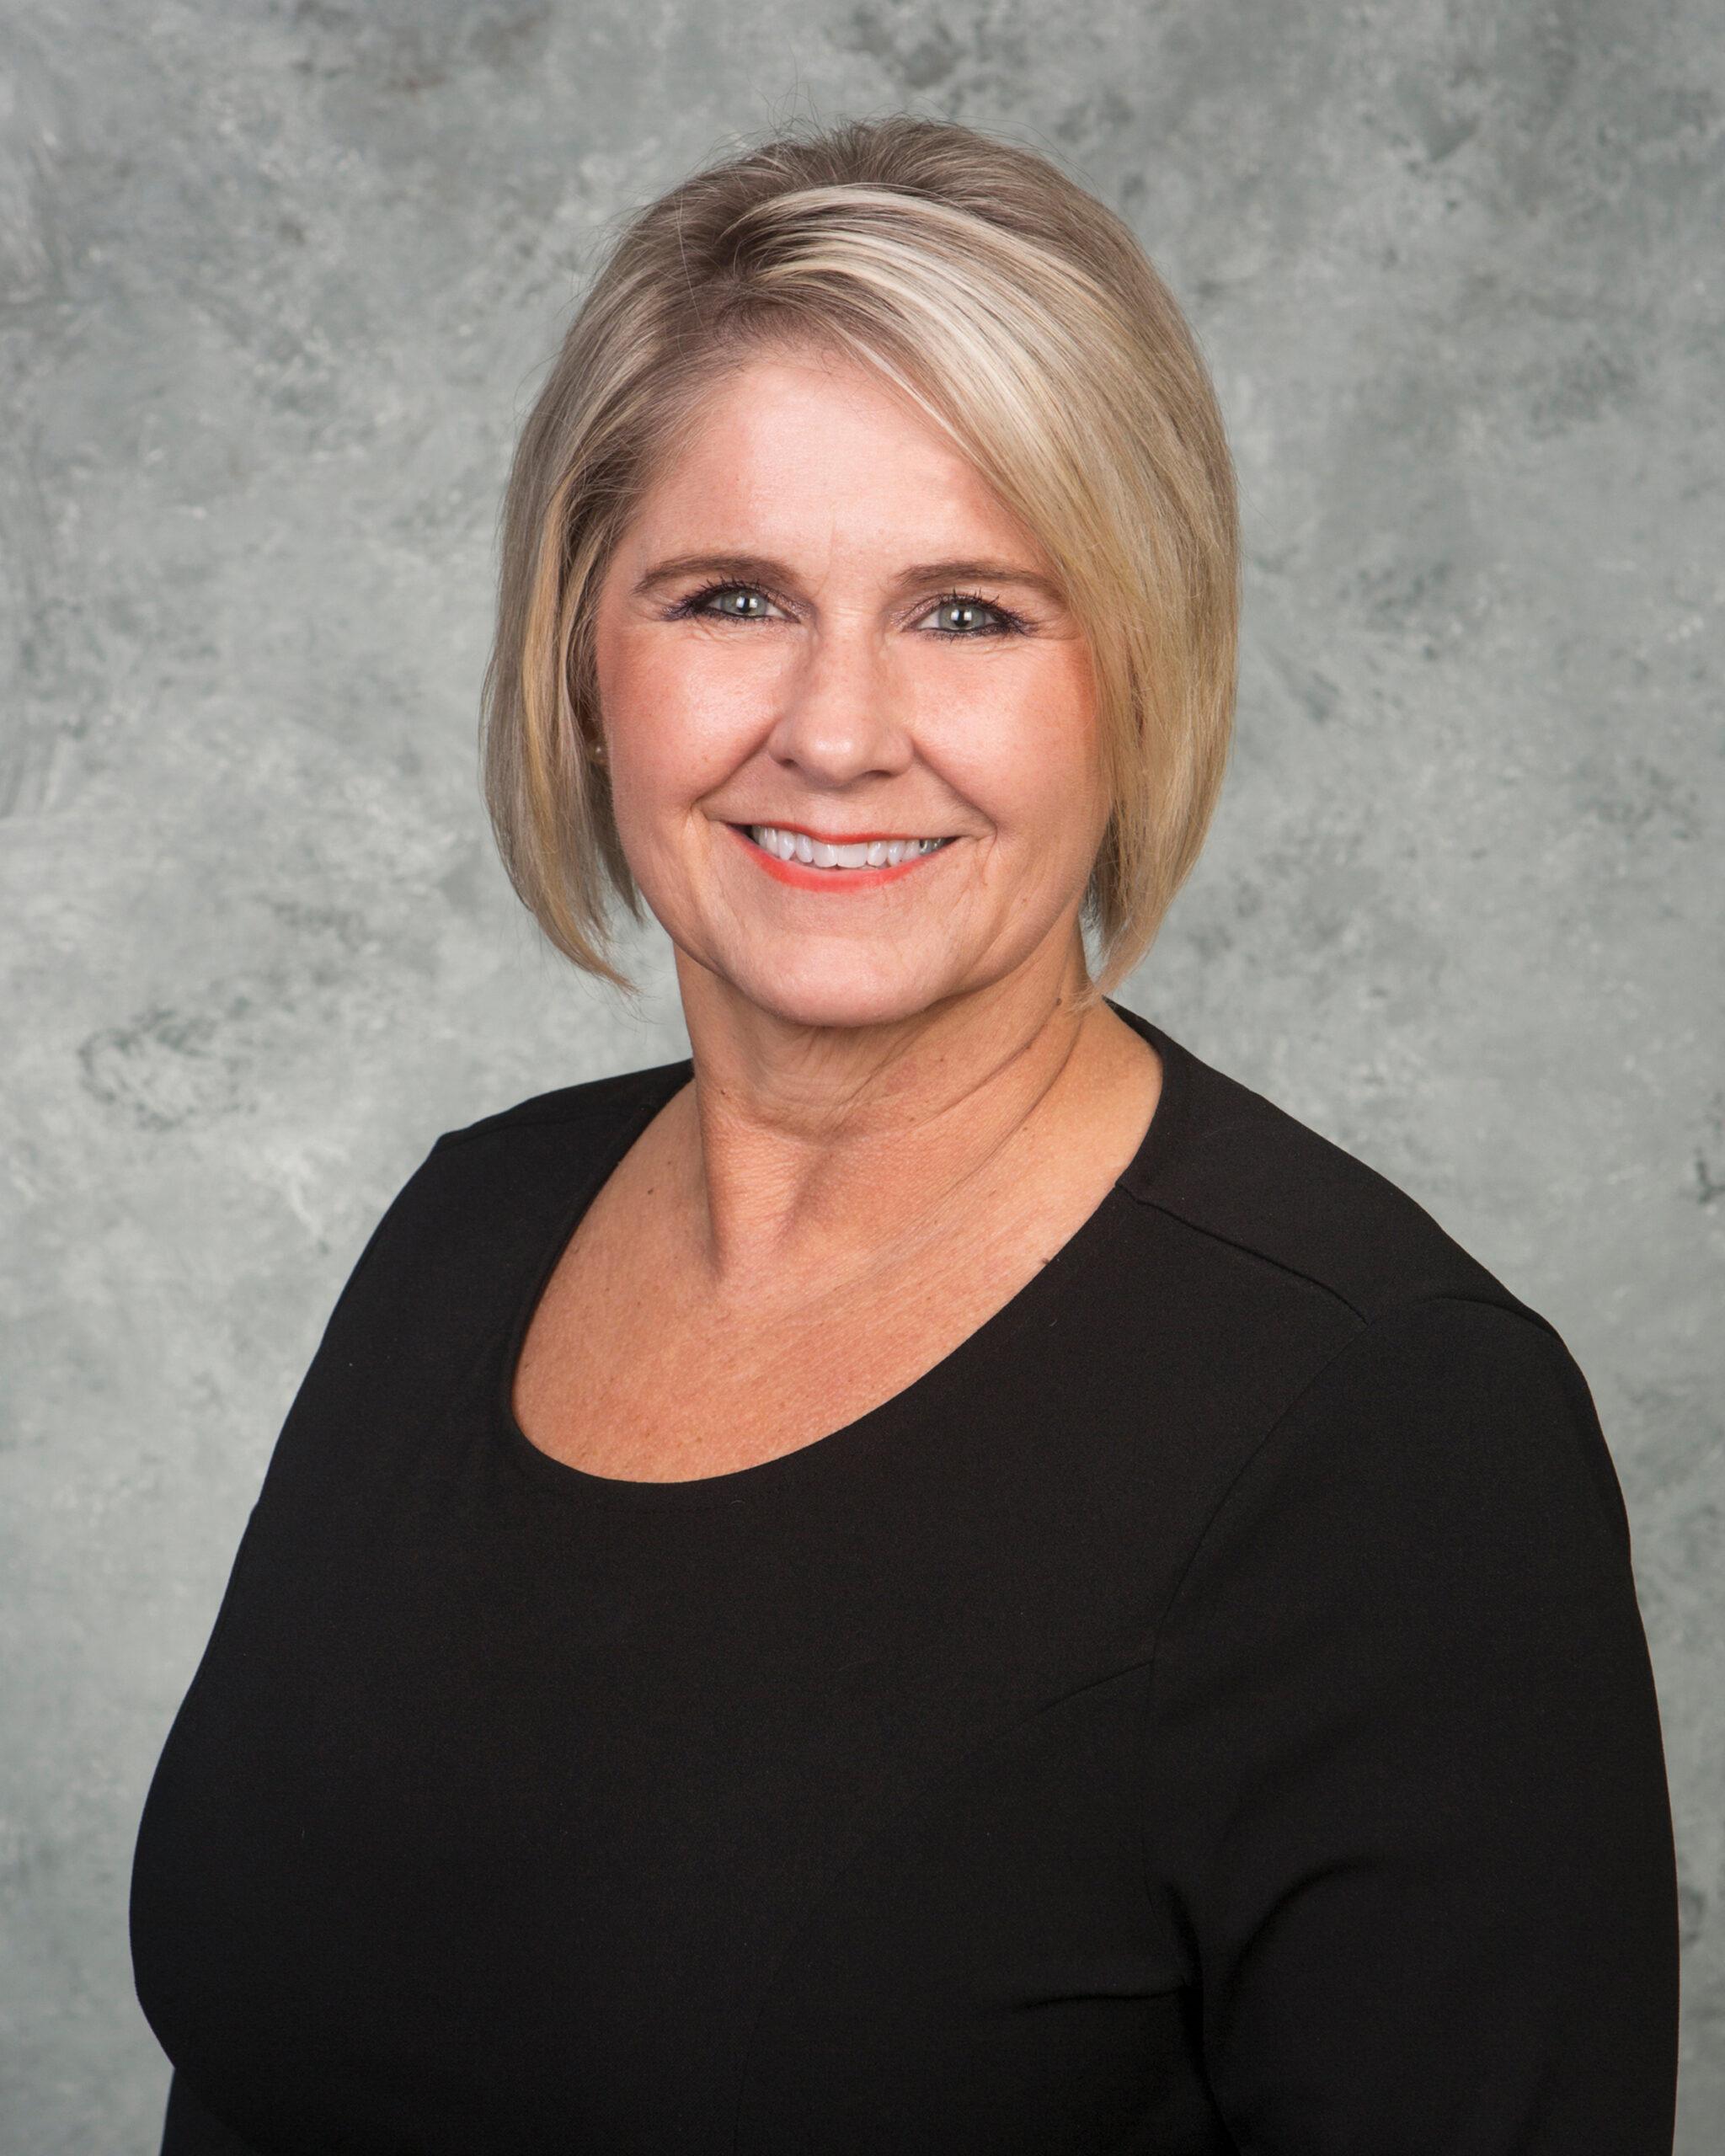 Helen Gravis